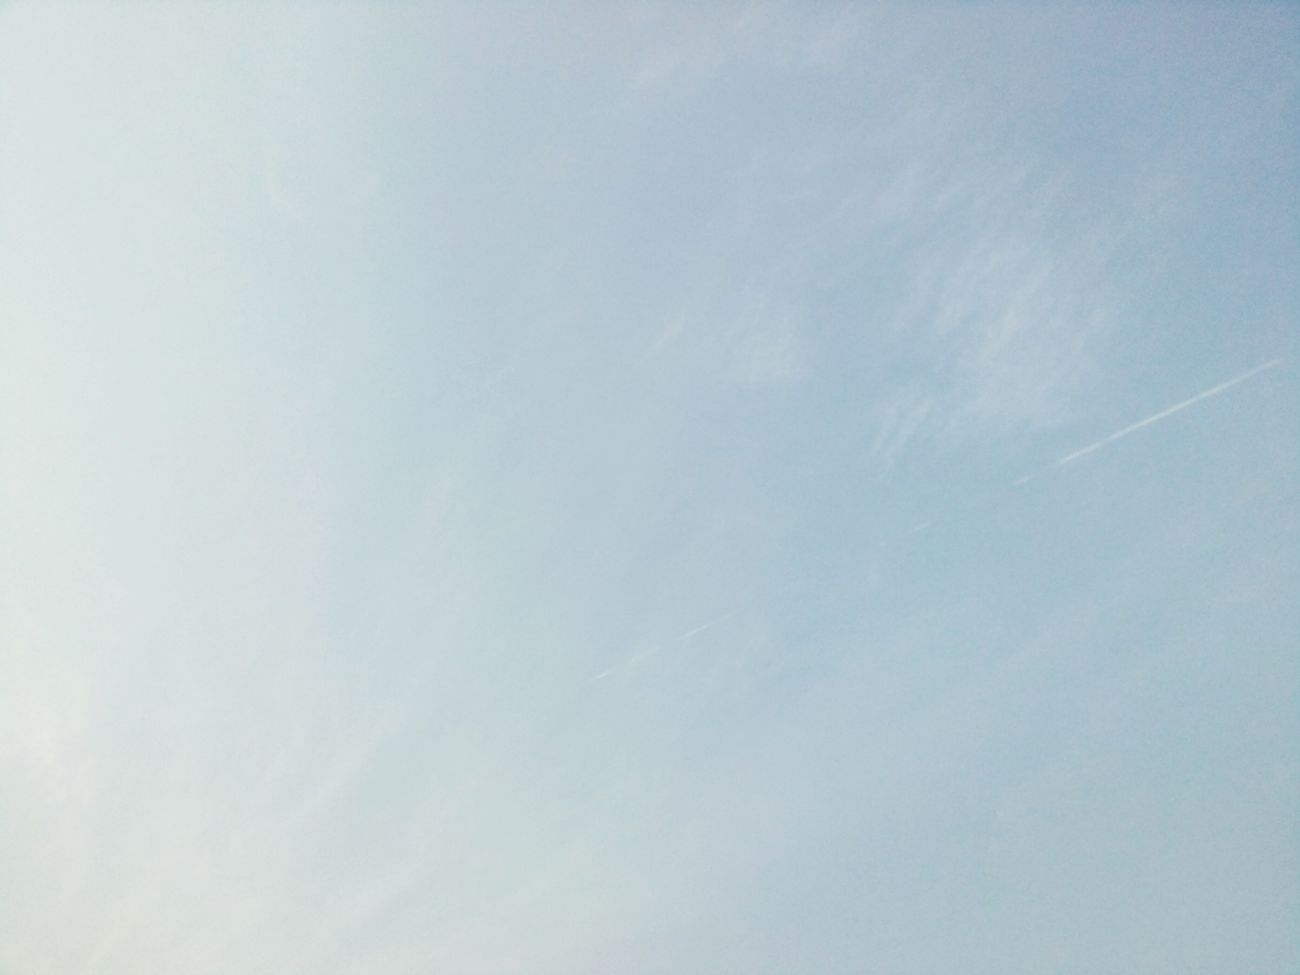 Azure Sky Enjoying Life Hanging Out Taking Photos